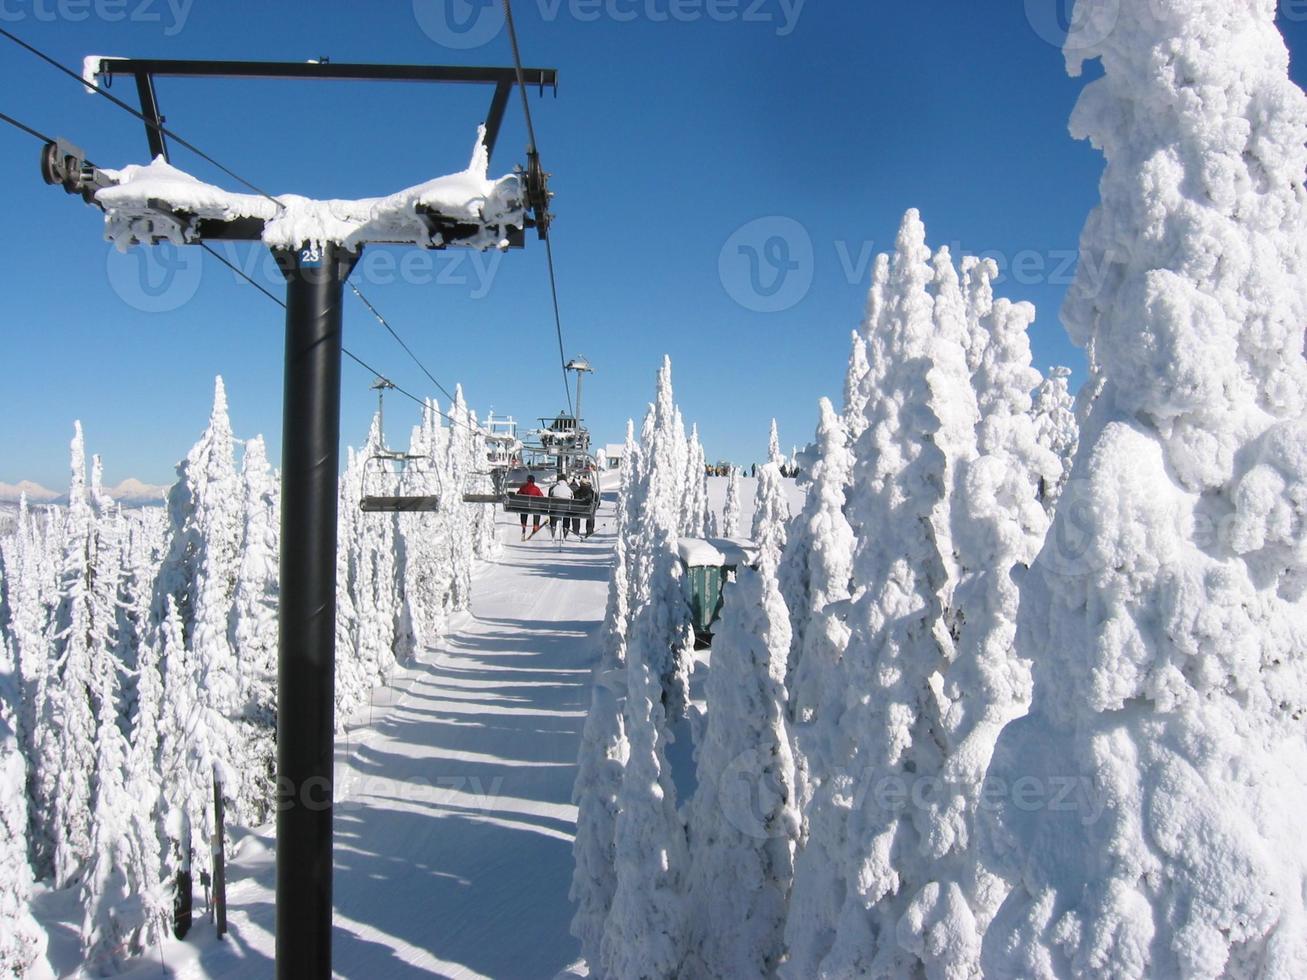 fantastisk dag för skidåkning foto